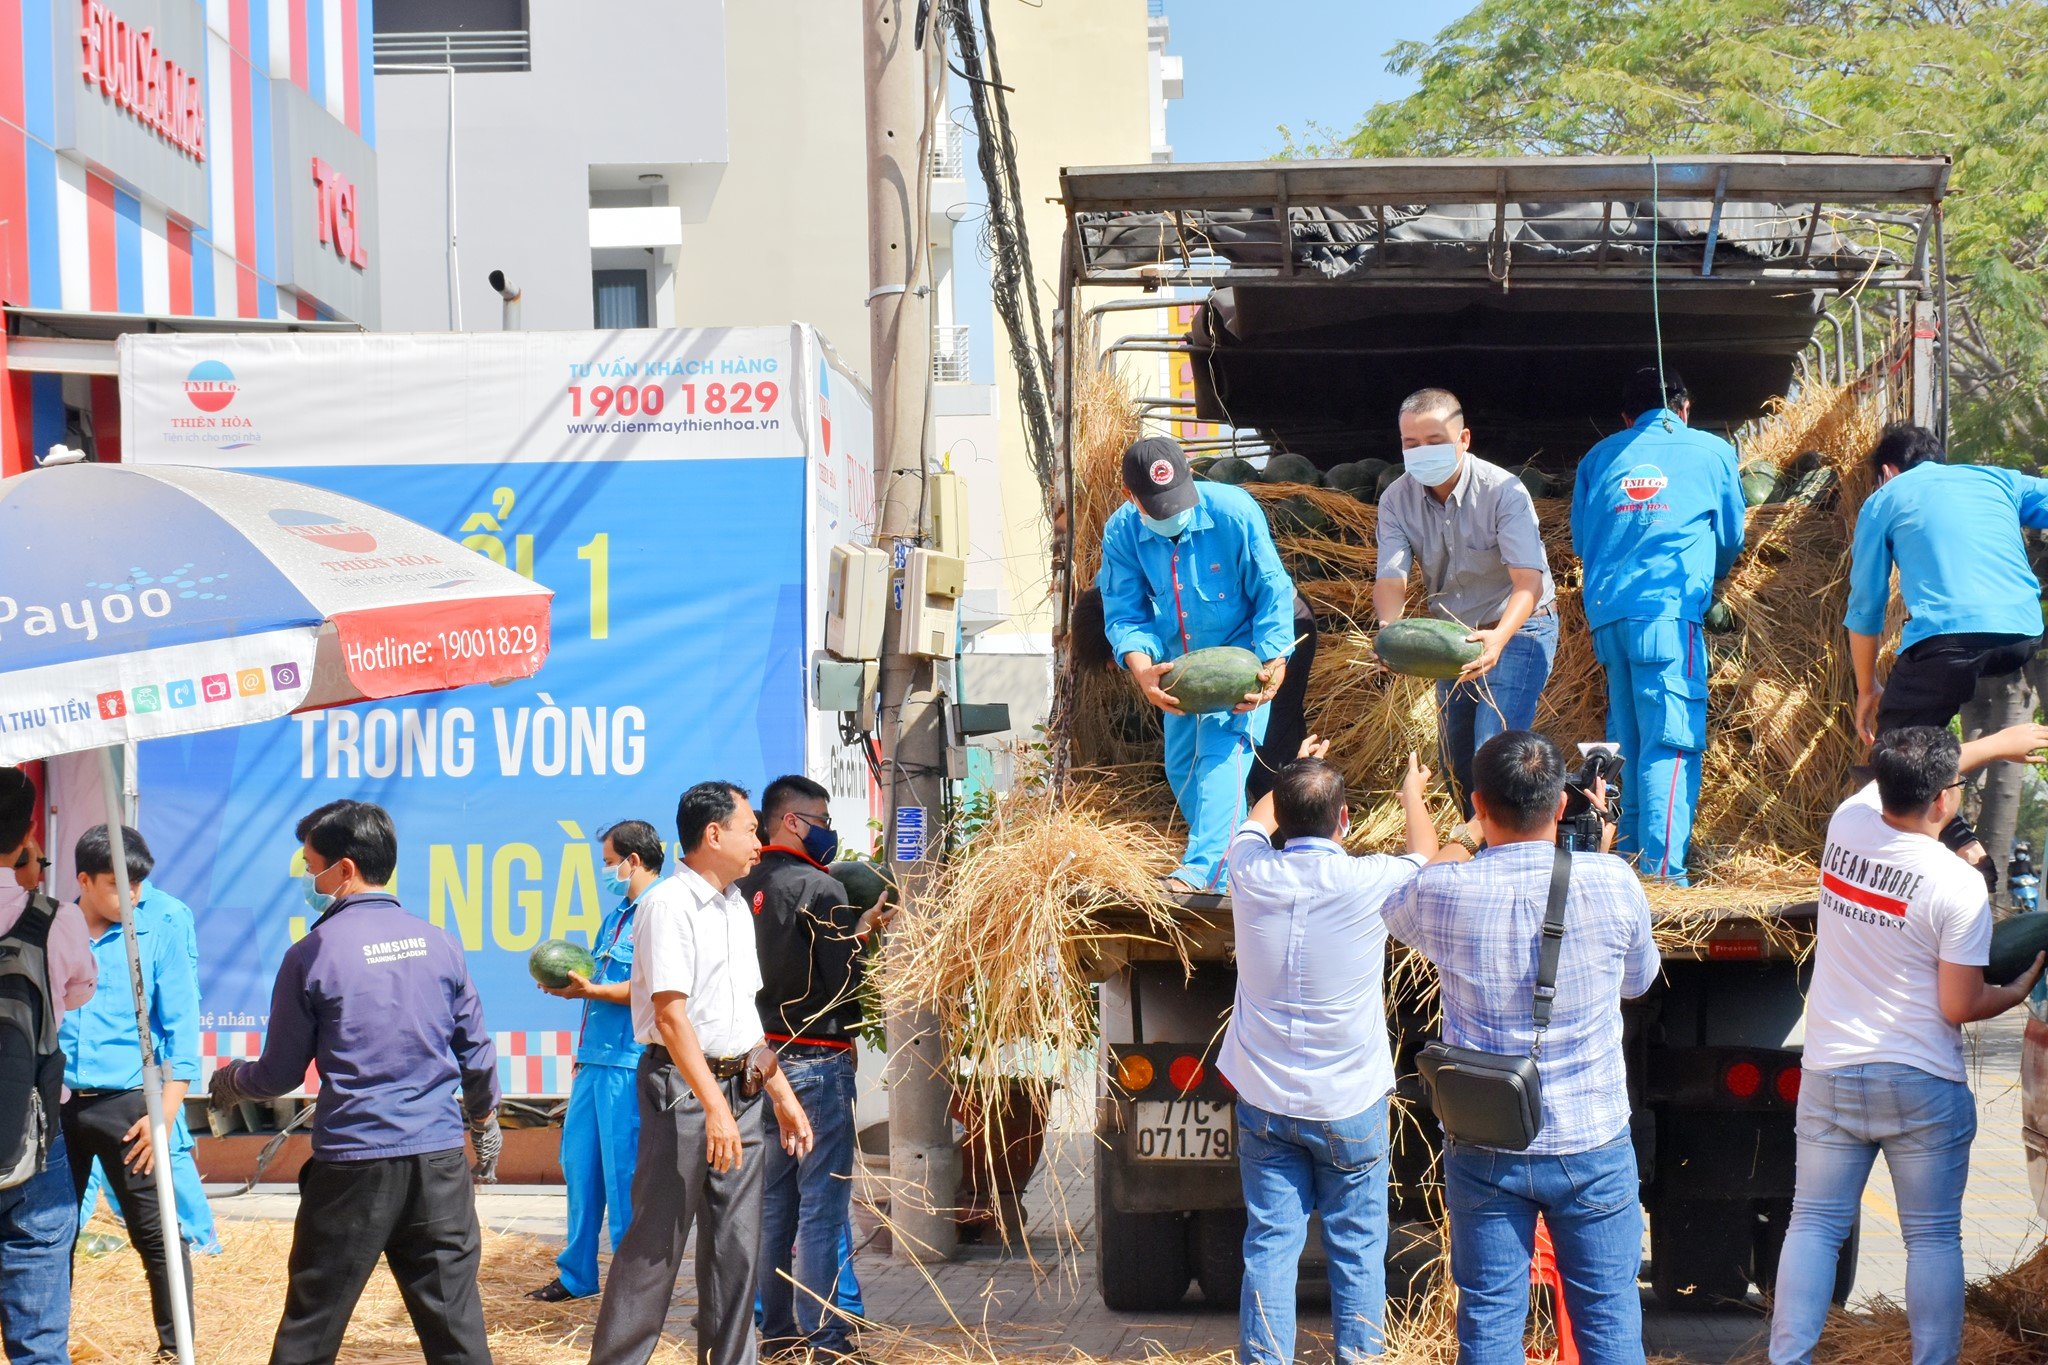 Thiên Hòa mua hàng tấn dưa hấu của nông dân tặng cho nhân viên và đối tác 29